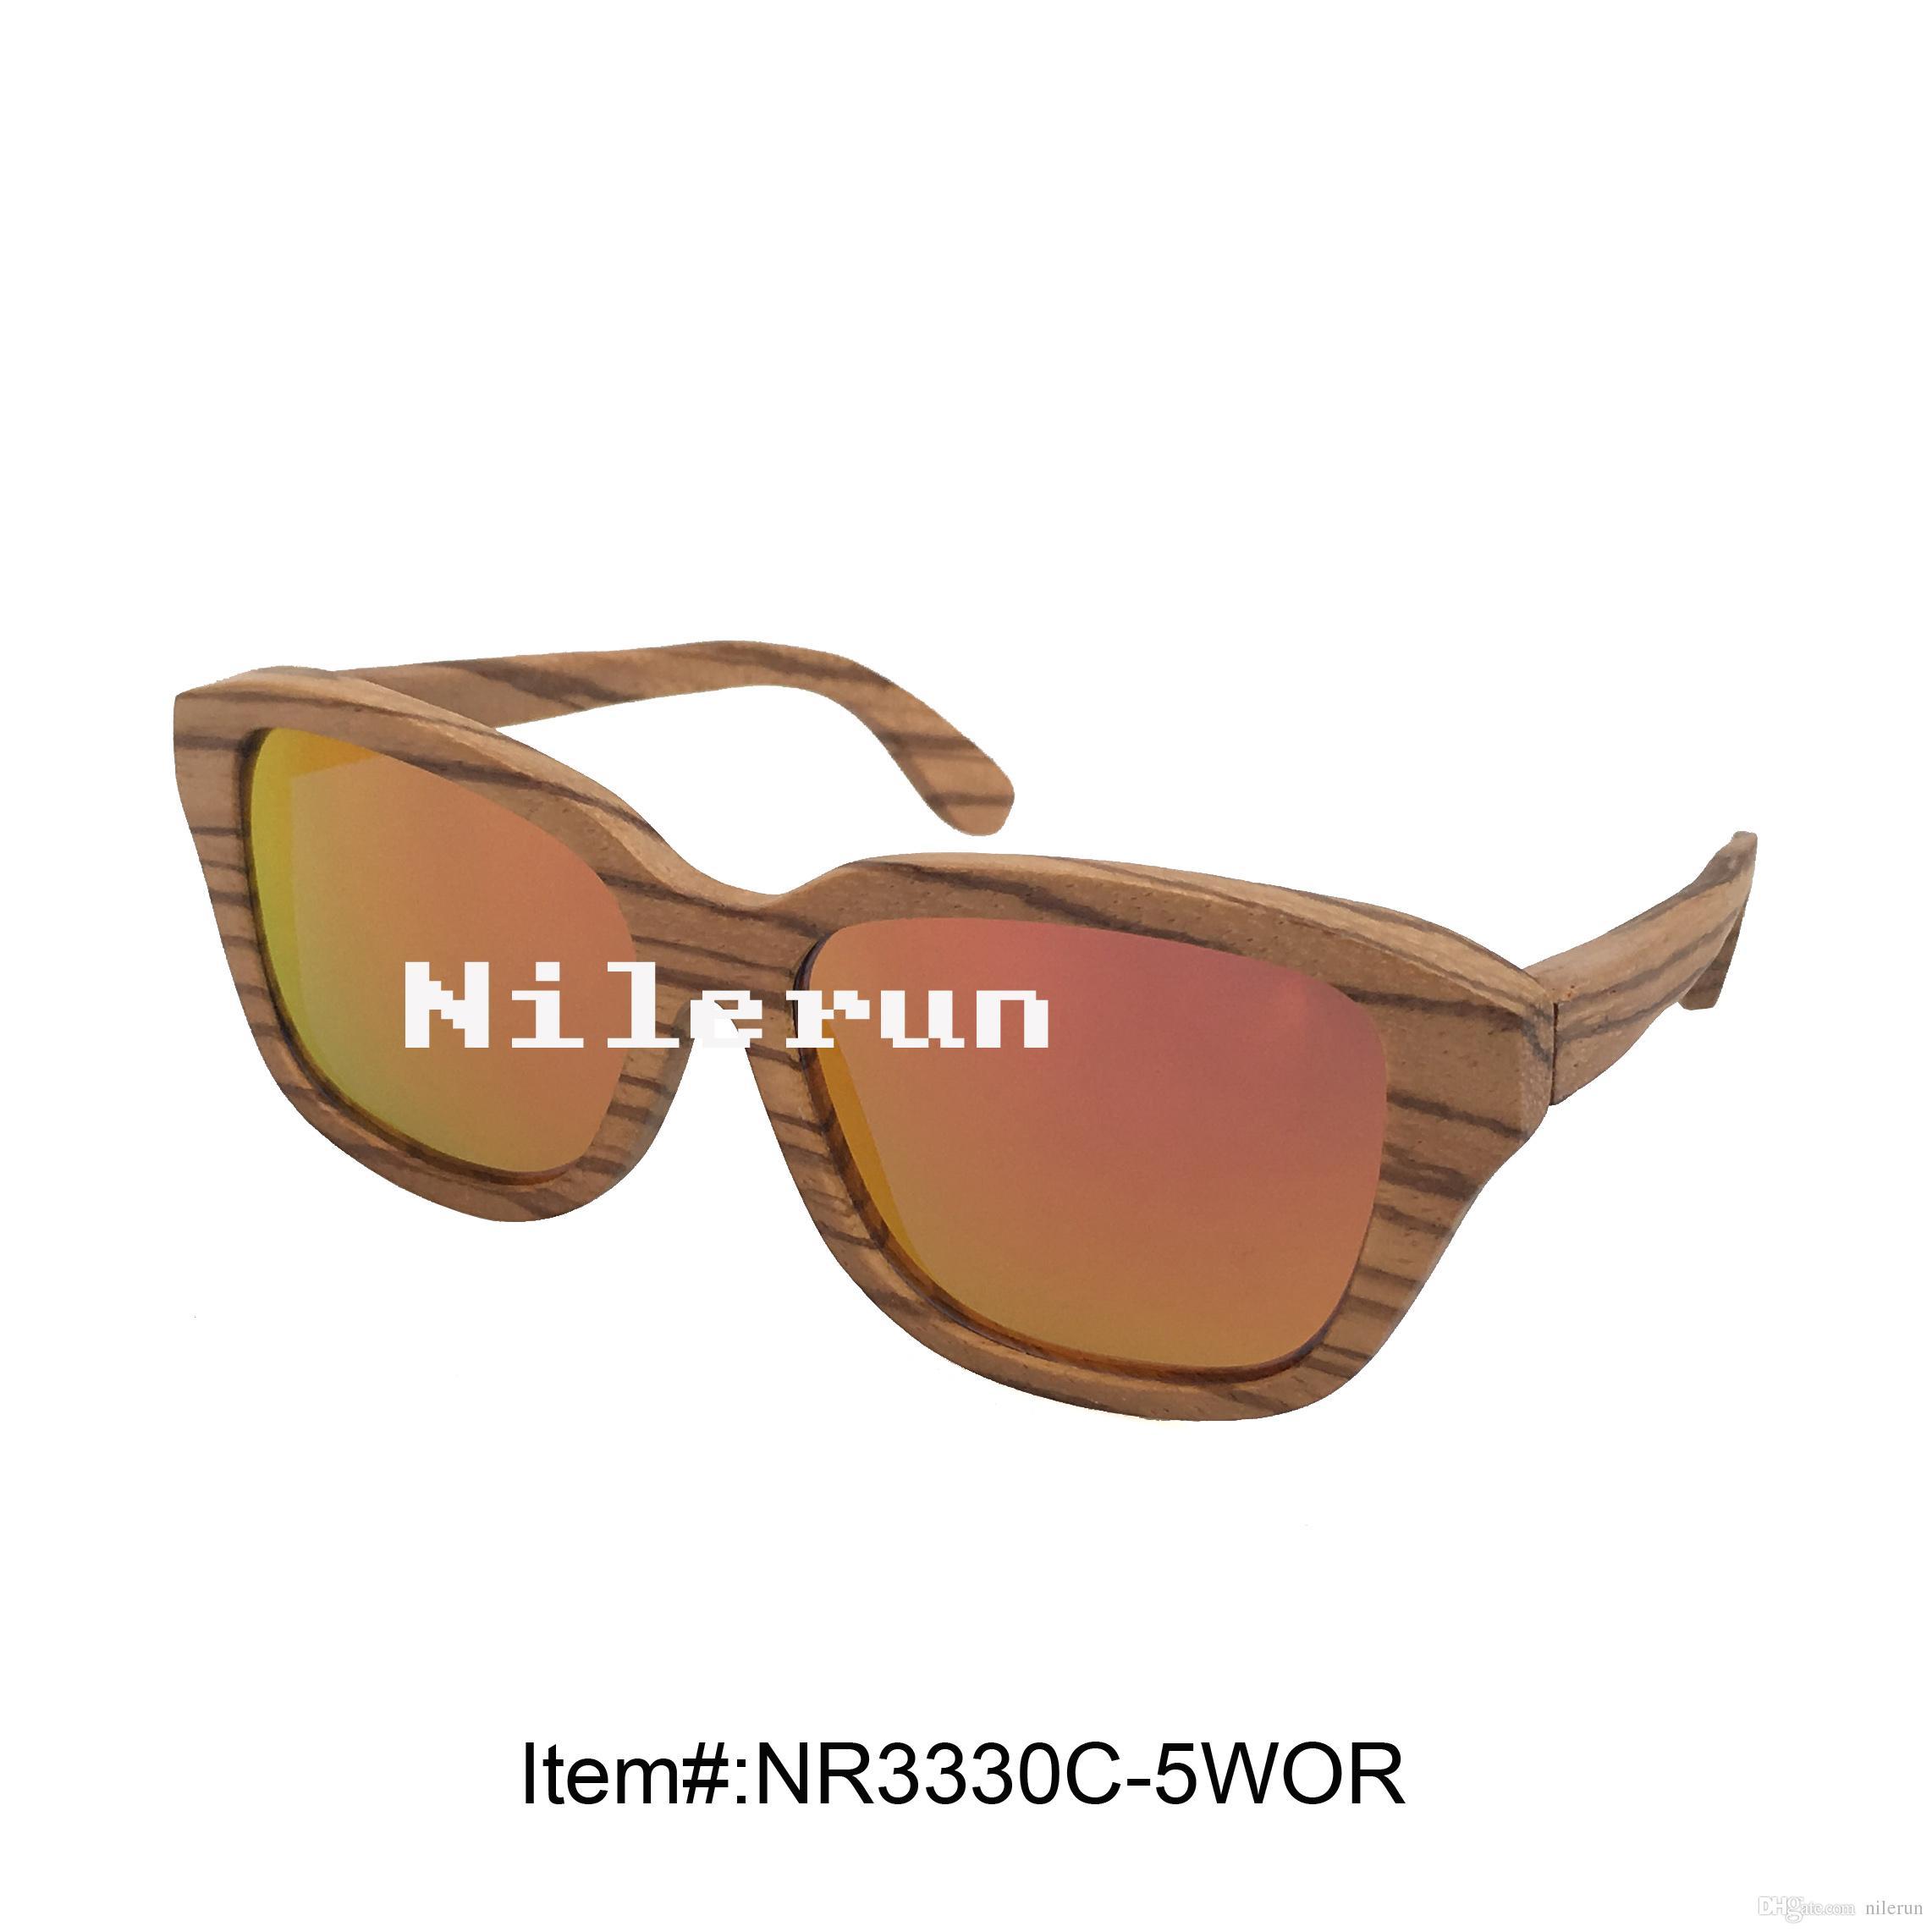 622c97d7313 Huge Zebra Wood Frame UV400 Orange Lens Sunglasses UV400 Orange Sunglasses  Huge Wood Sunglasses Large Wooden Sunglasses Online with  49.03 Piece on ...